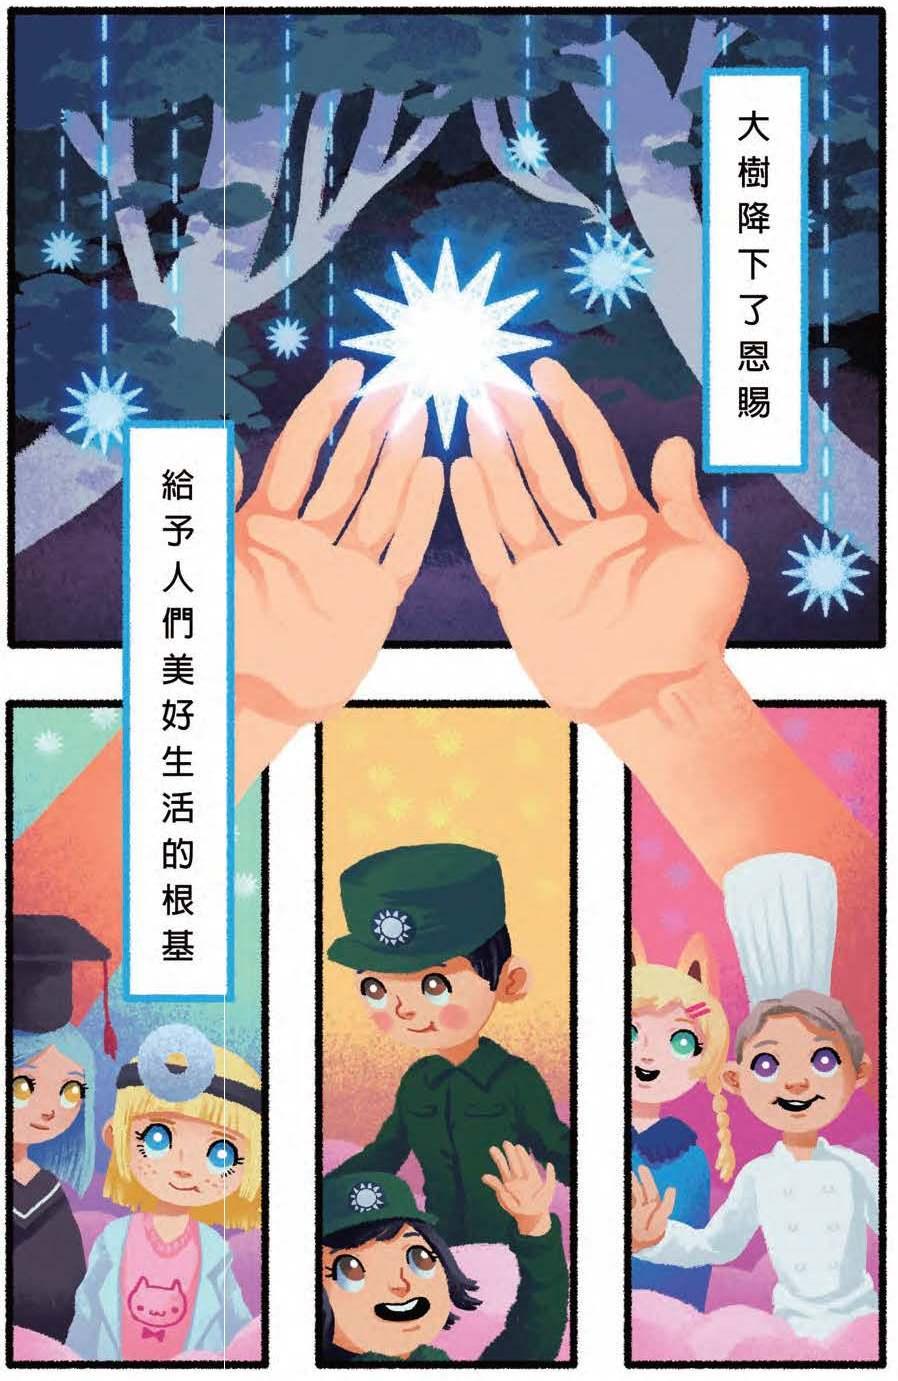 51屆漫畫項國軍組優選_載之樹02.jpg